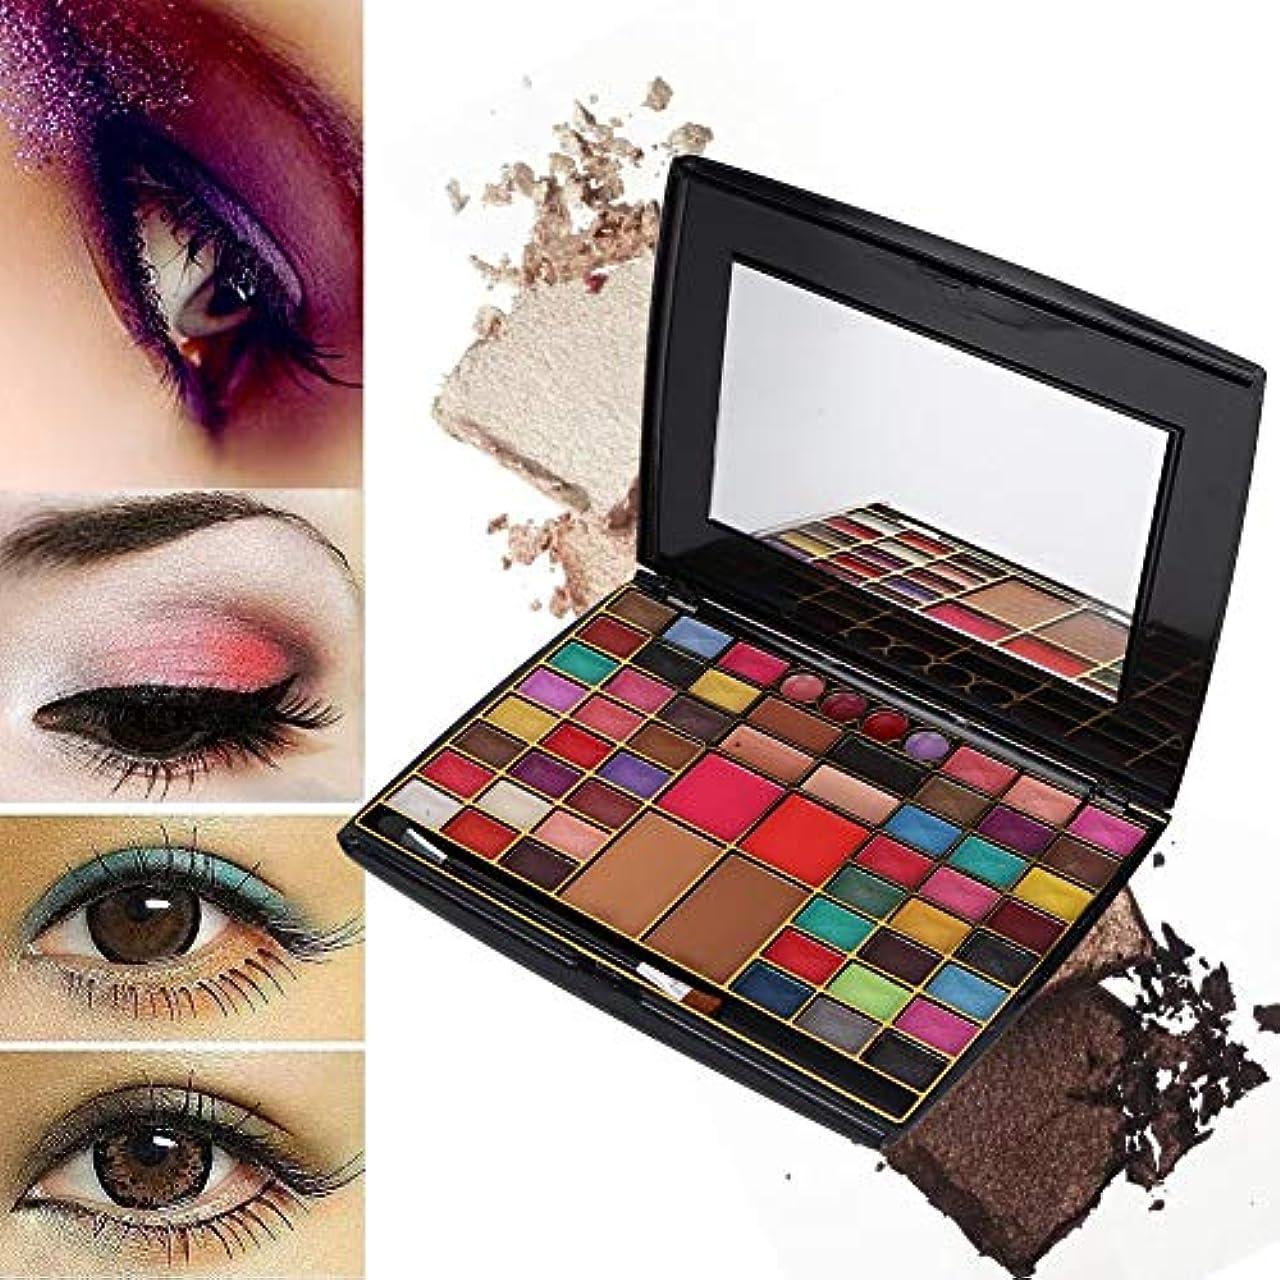 コンパイルヘッジスカウトアイシャドウパレット 化粧マット 60色 化粧品ツール グロス アイシャドウパウダー